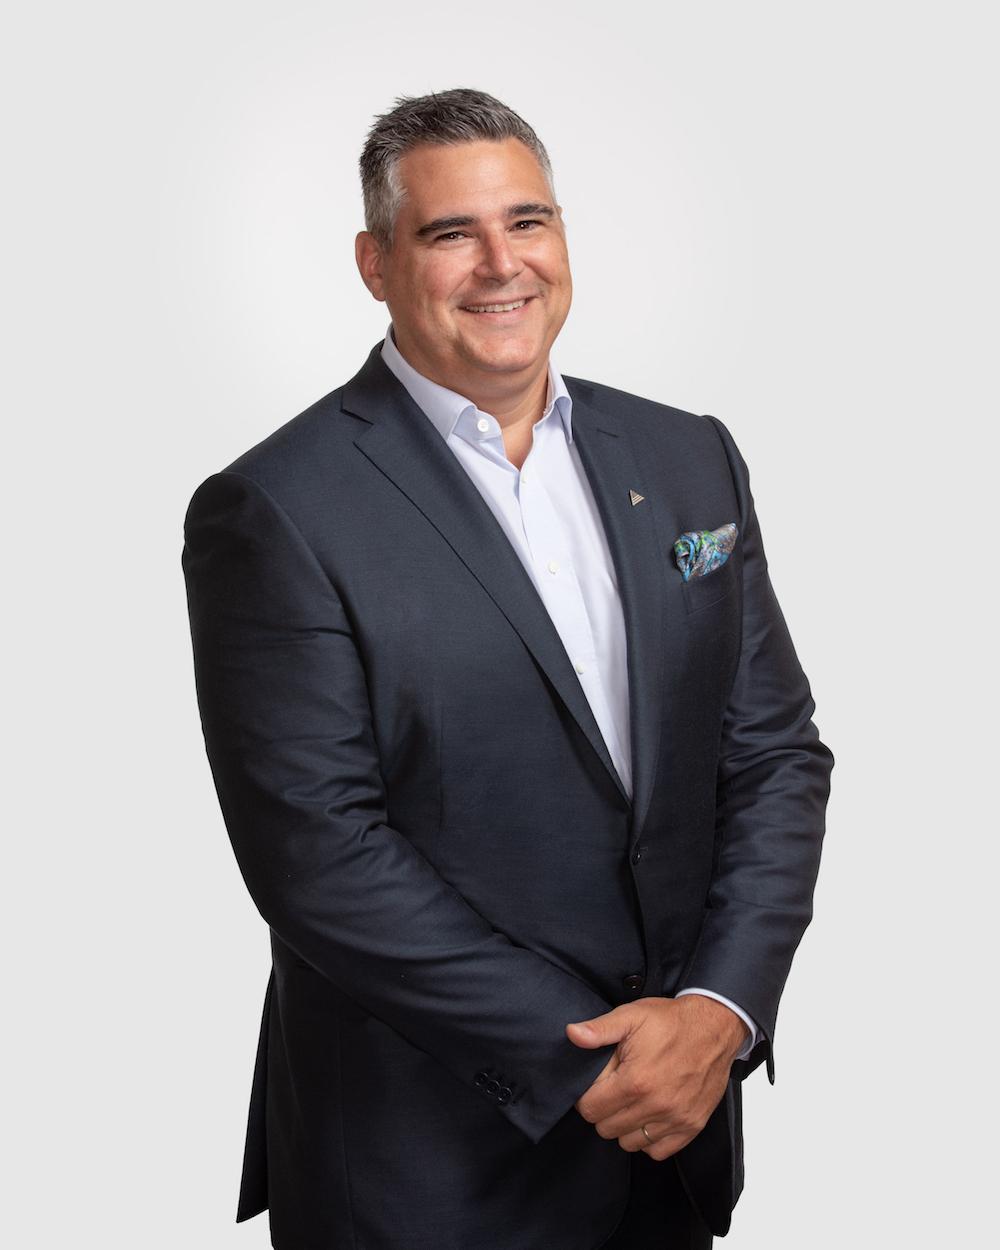 CEO of Aldo David bensadoun q&A on sustainability